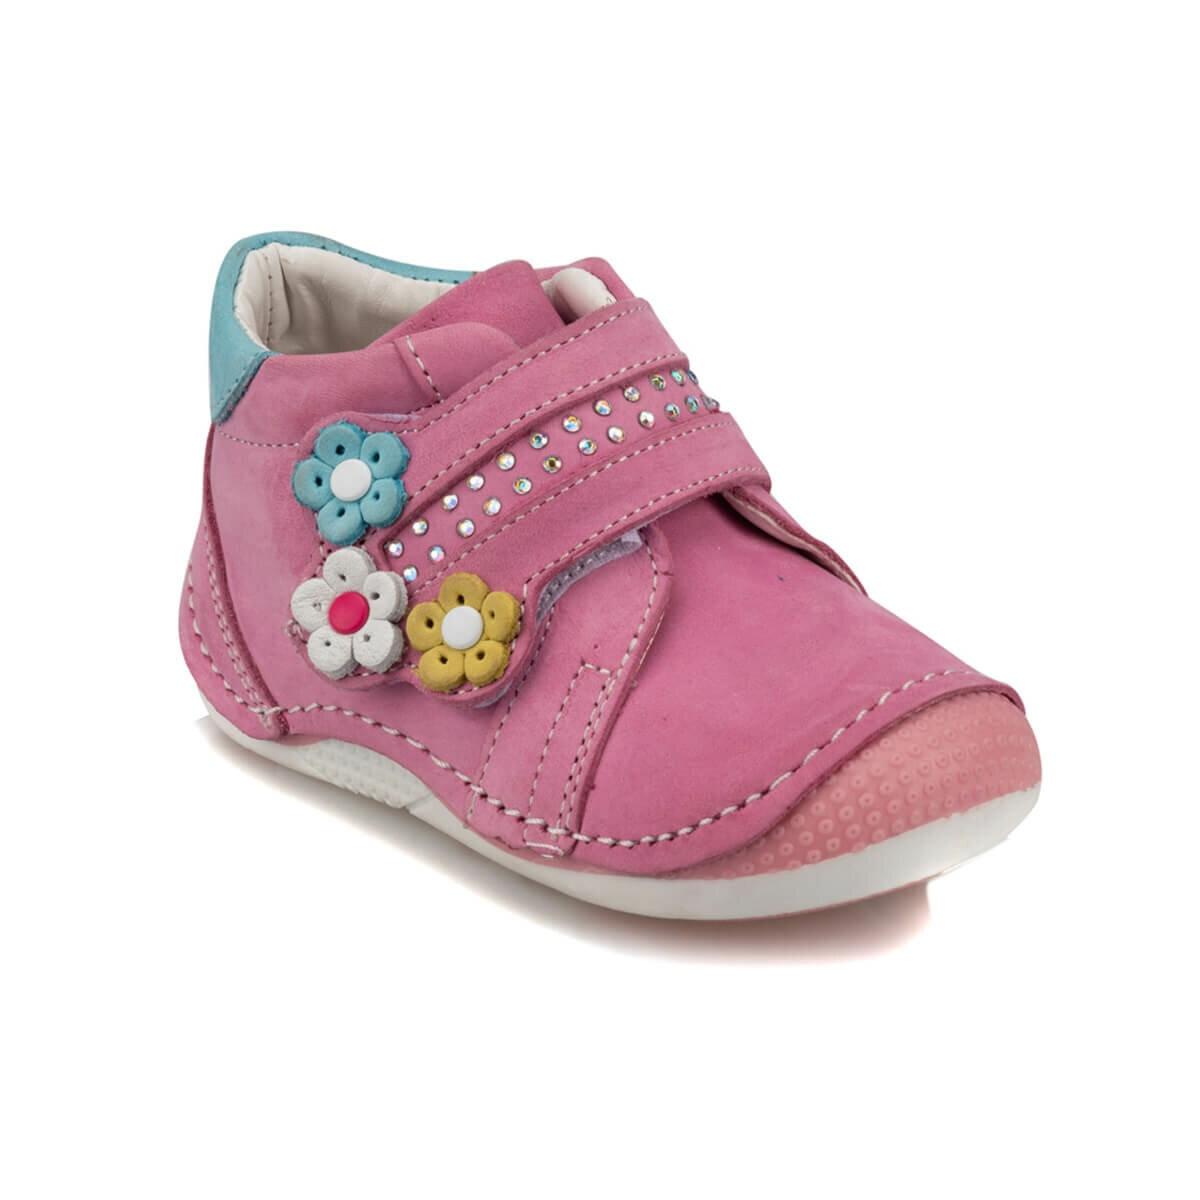 FLO 92.511738.I Pink Female Child Shoes Polaris